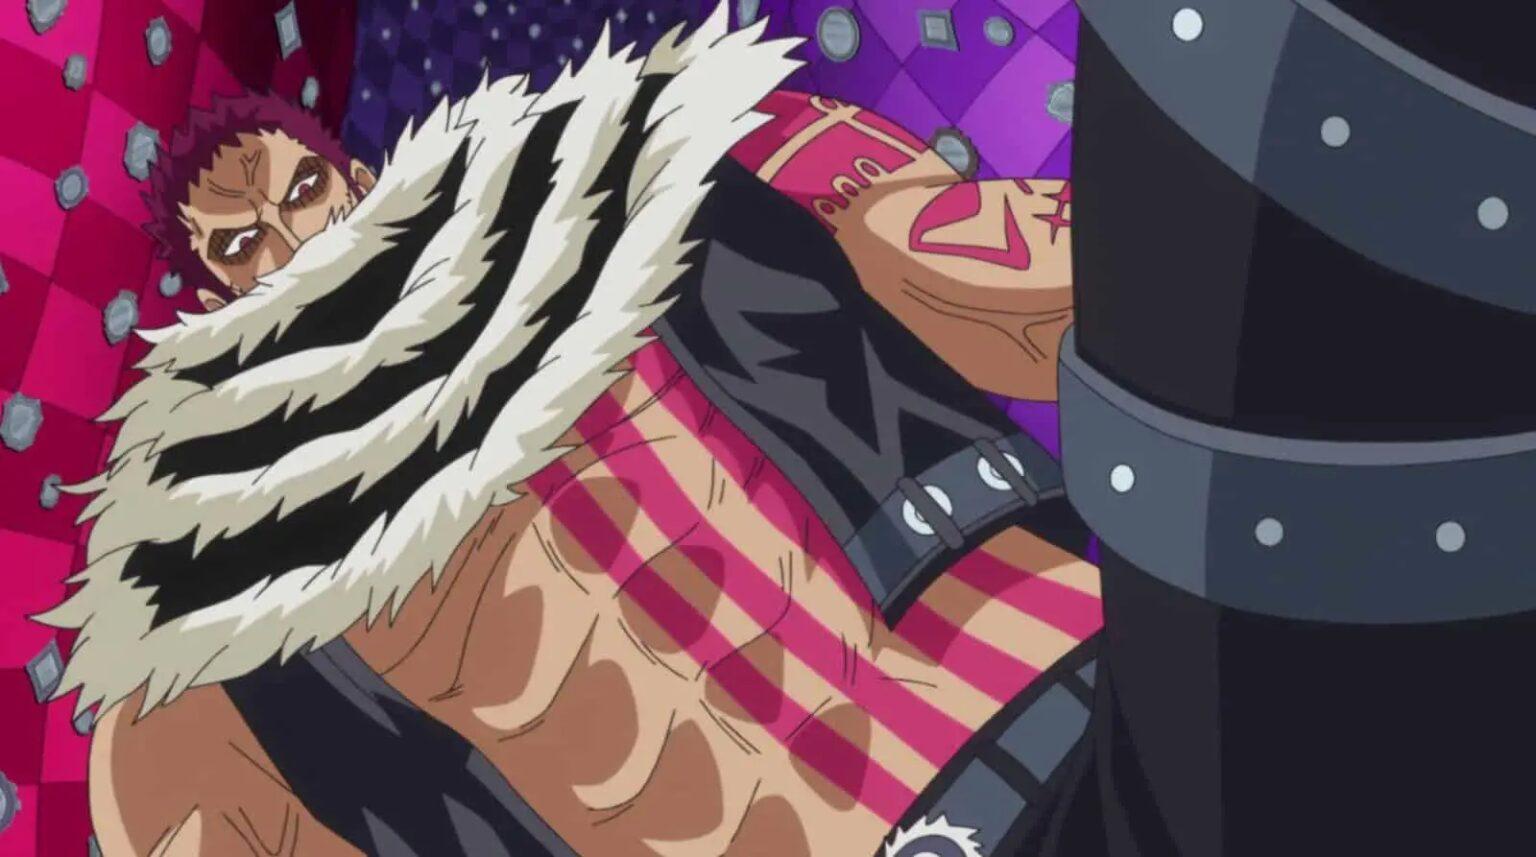 Les Spoilers One Piece Programmes des épisodes 857, 858, 859, et 860